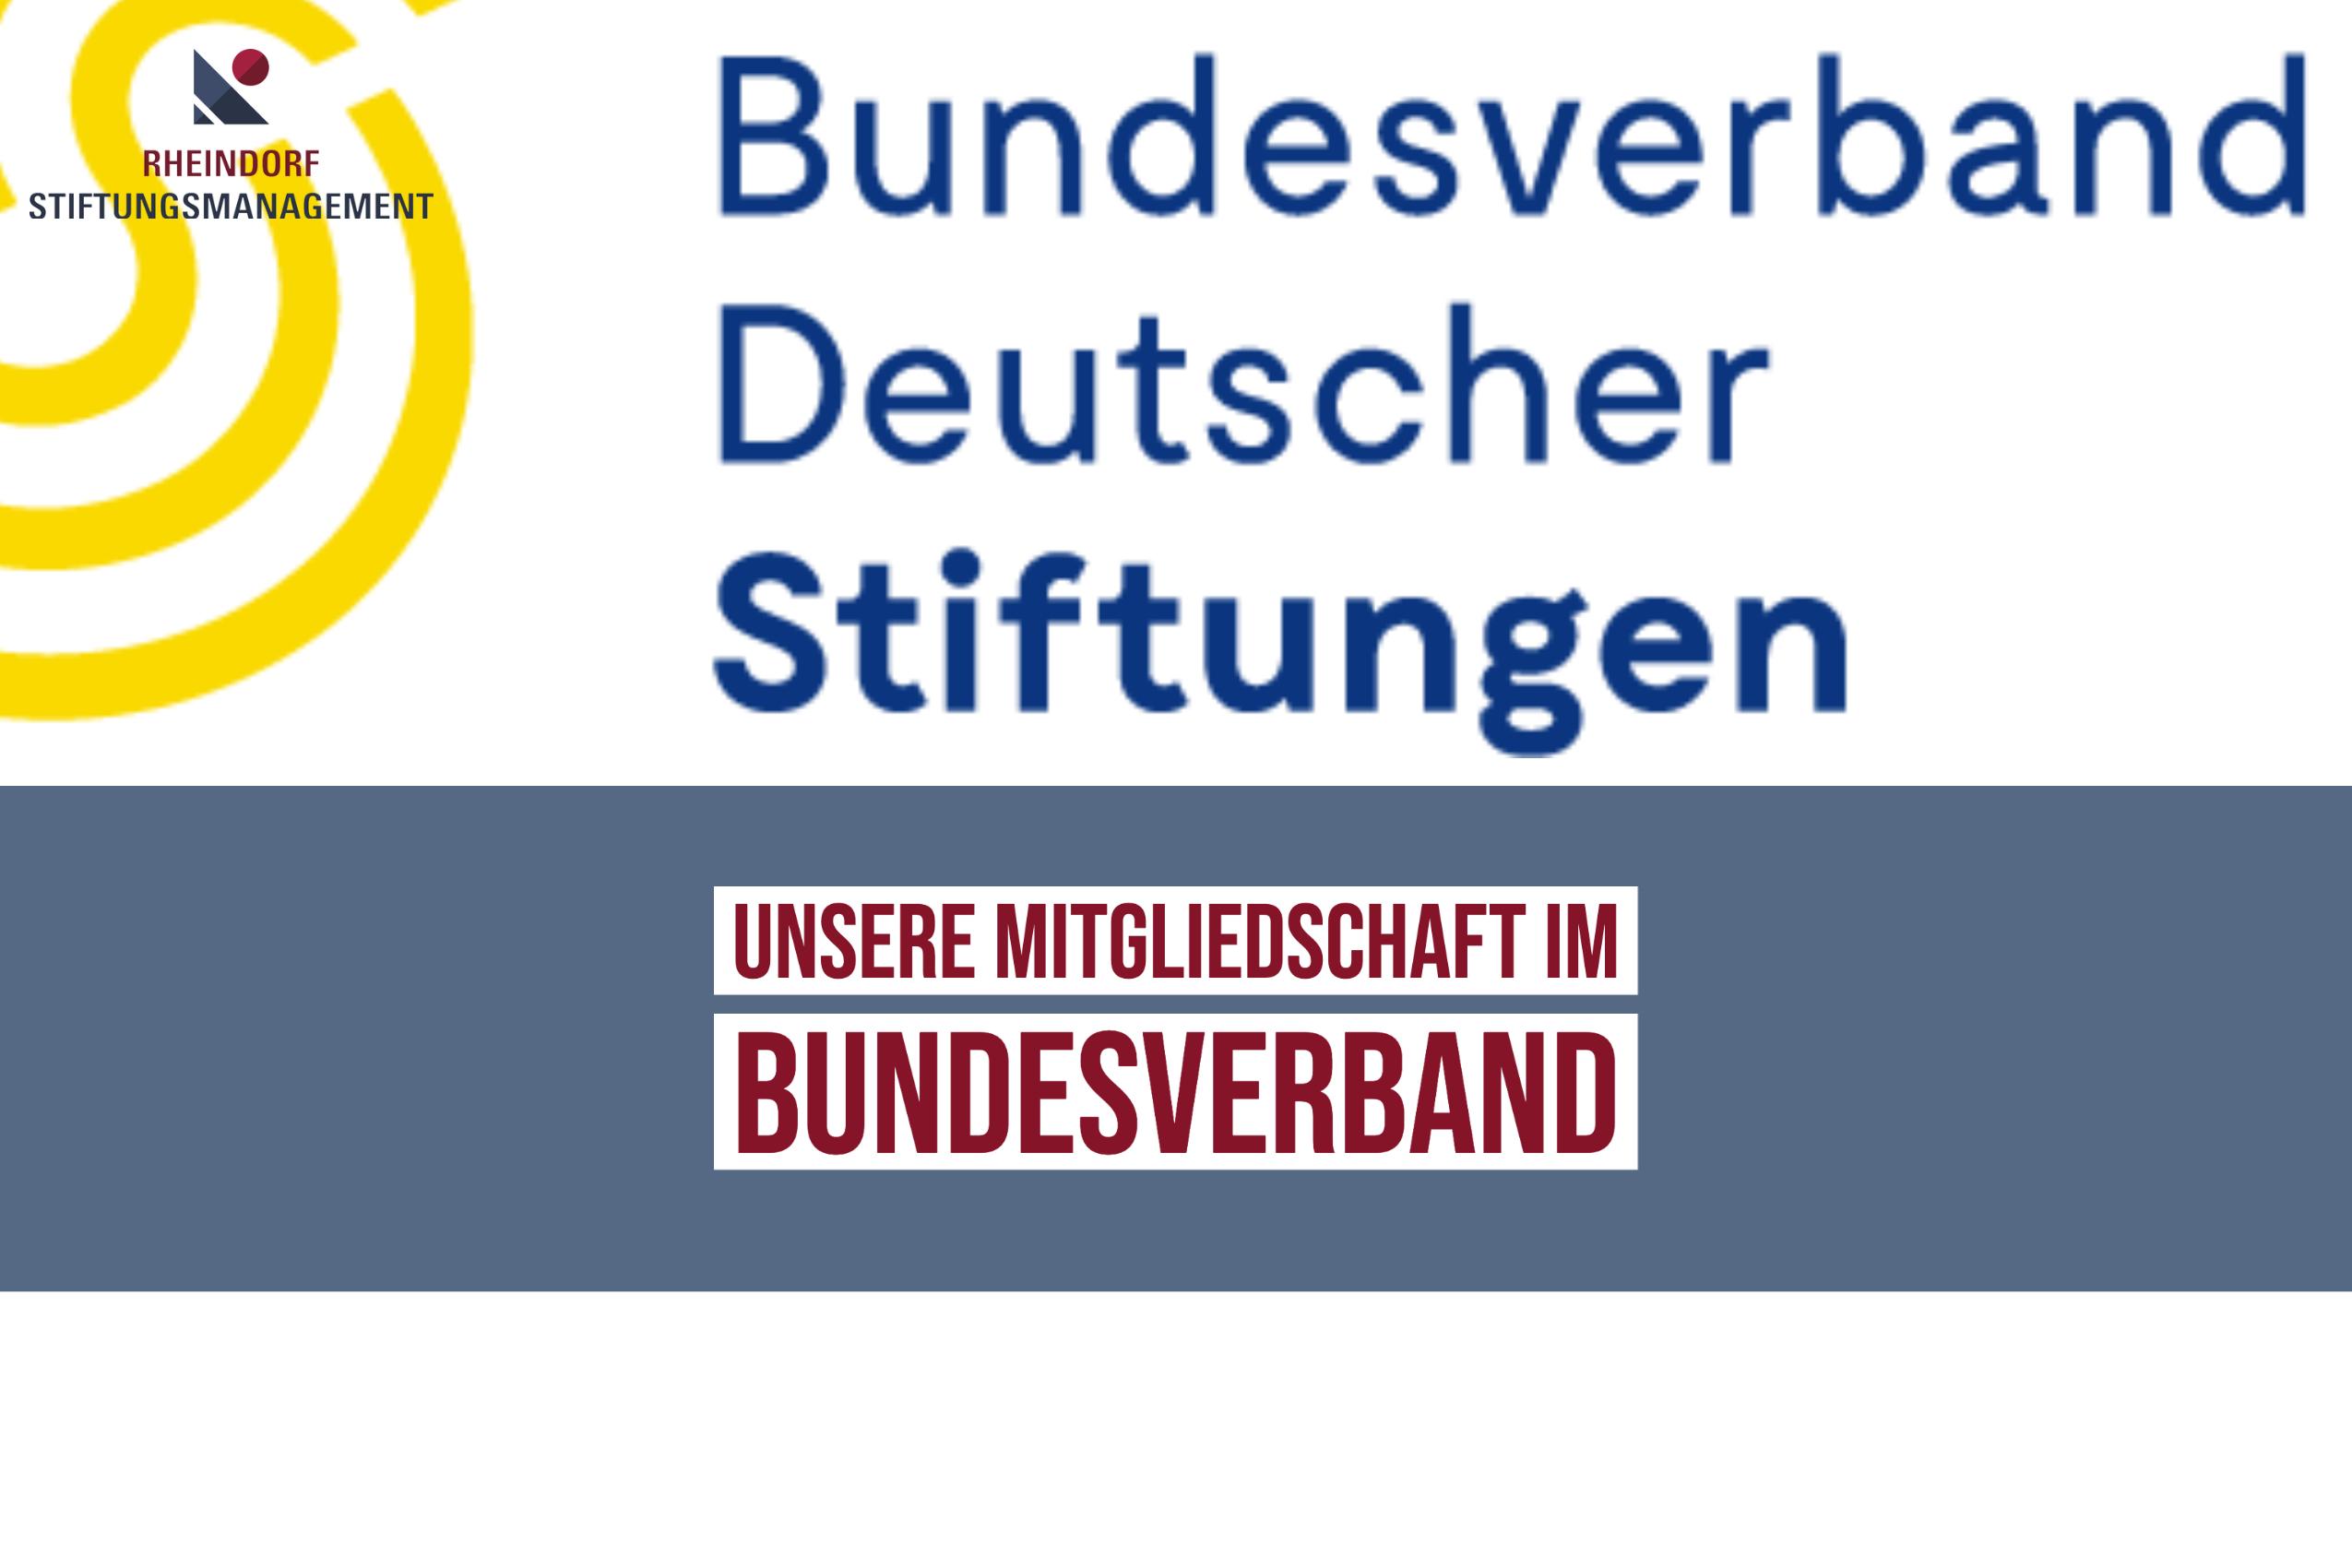 Wir sind Mitglied im Bundesverband Deutscher Stiftungen. Warum?